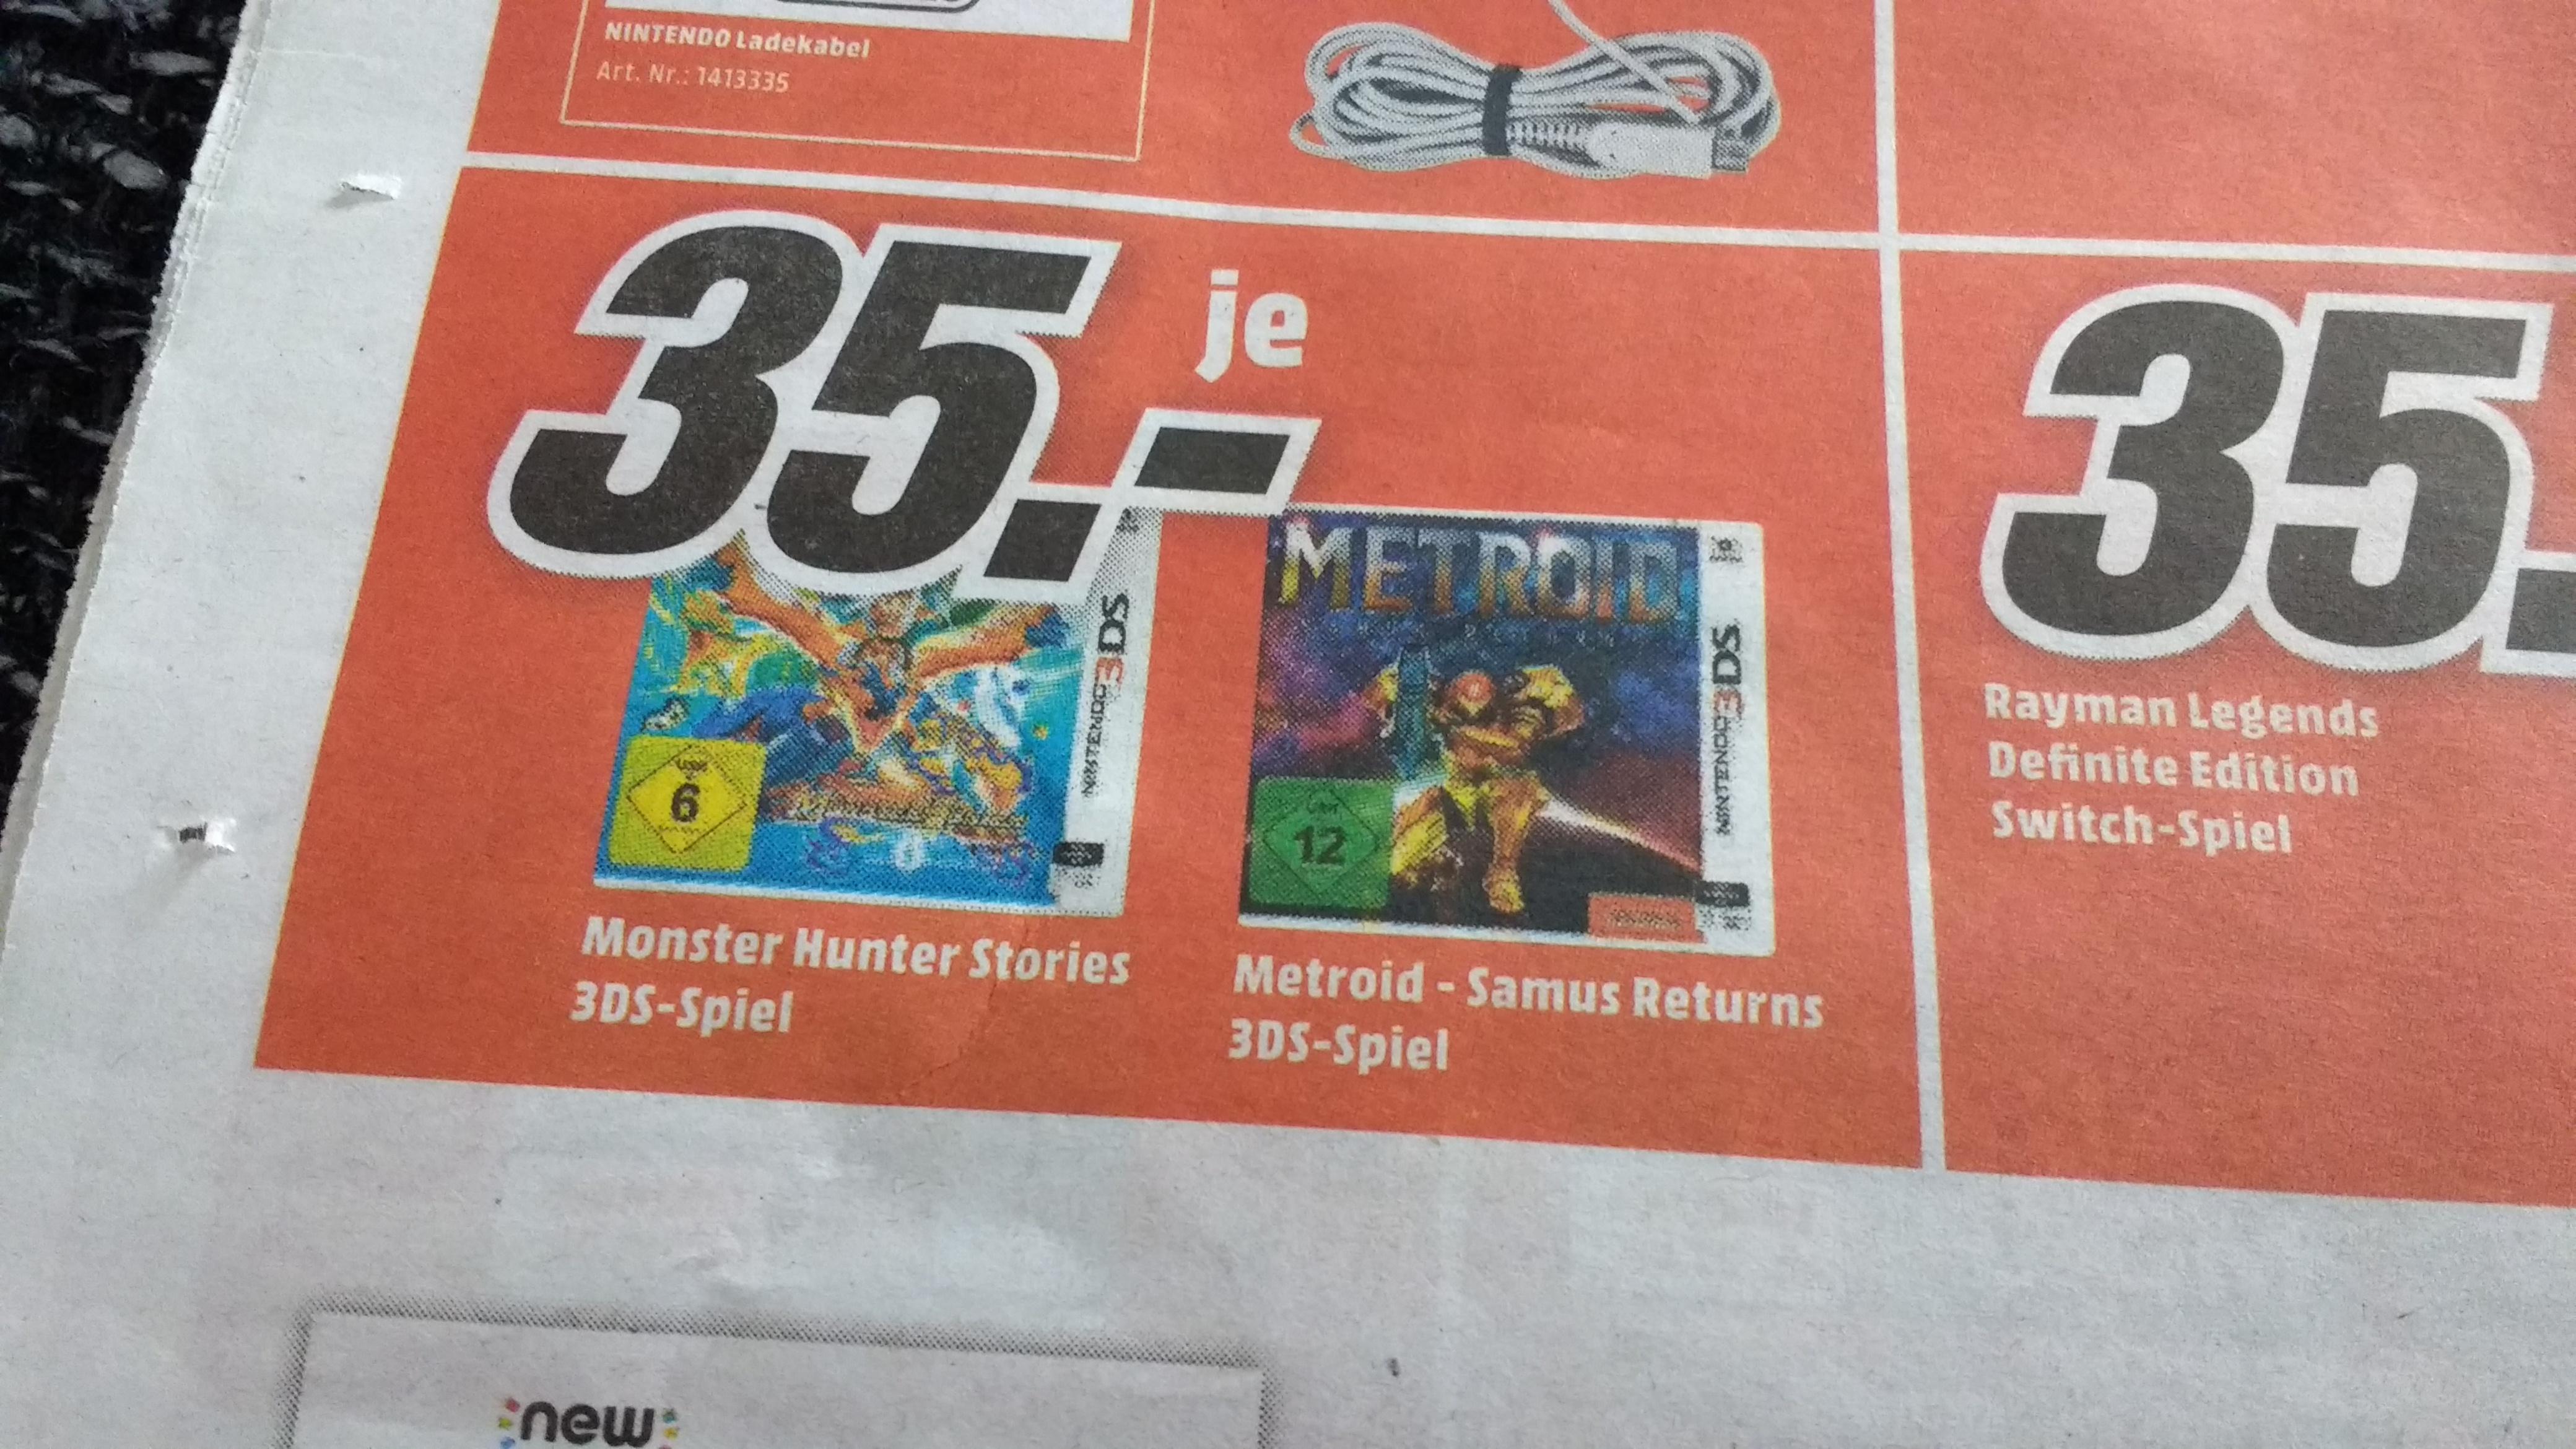 [Lokal] Media Markt Mainz Alzey Bischofsheim - Metroid: Samus Returns Nintendo 3DS (auch: Pokémon Gold und Silber als Download-Code in Retail-Box für 9,00 €)